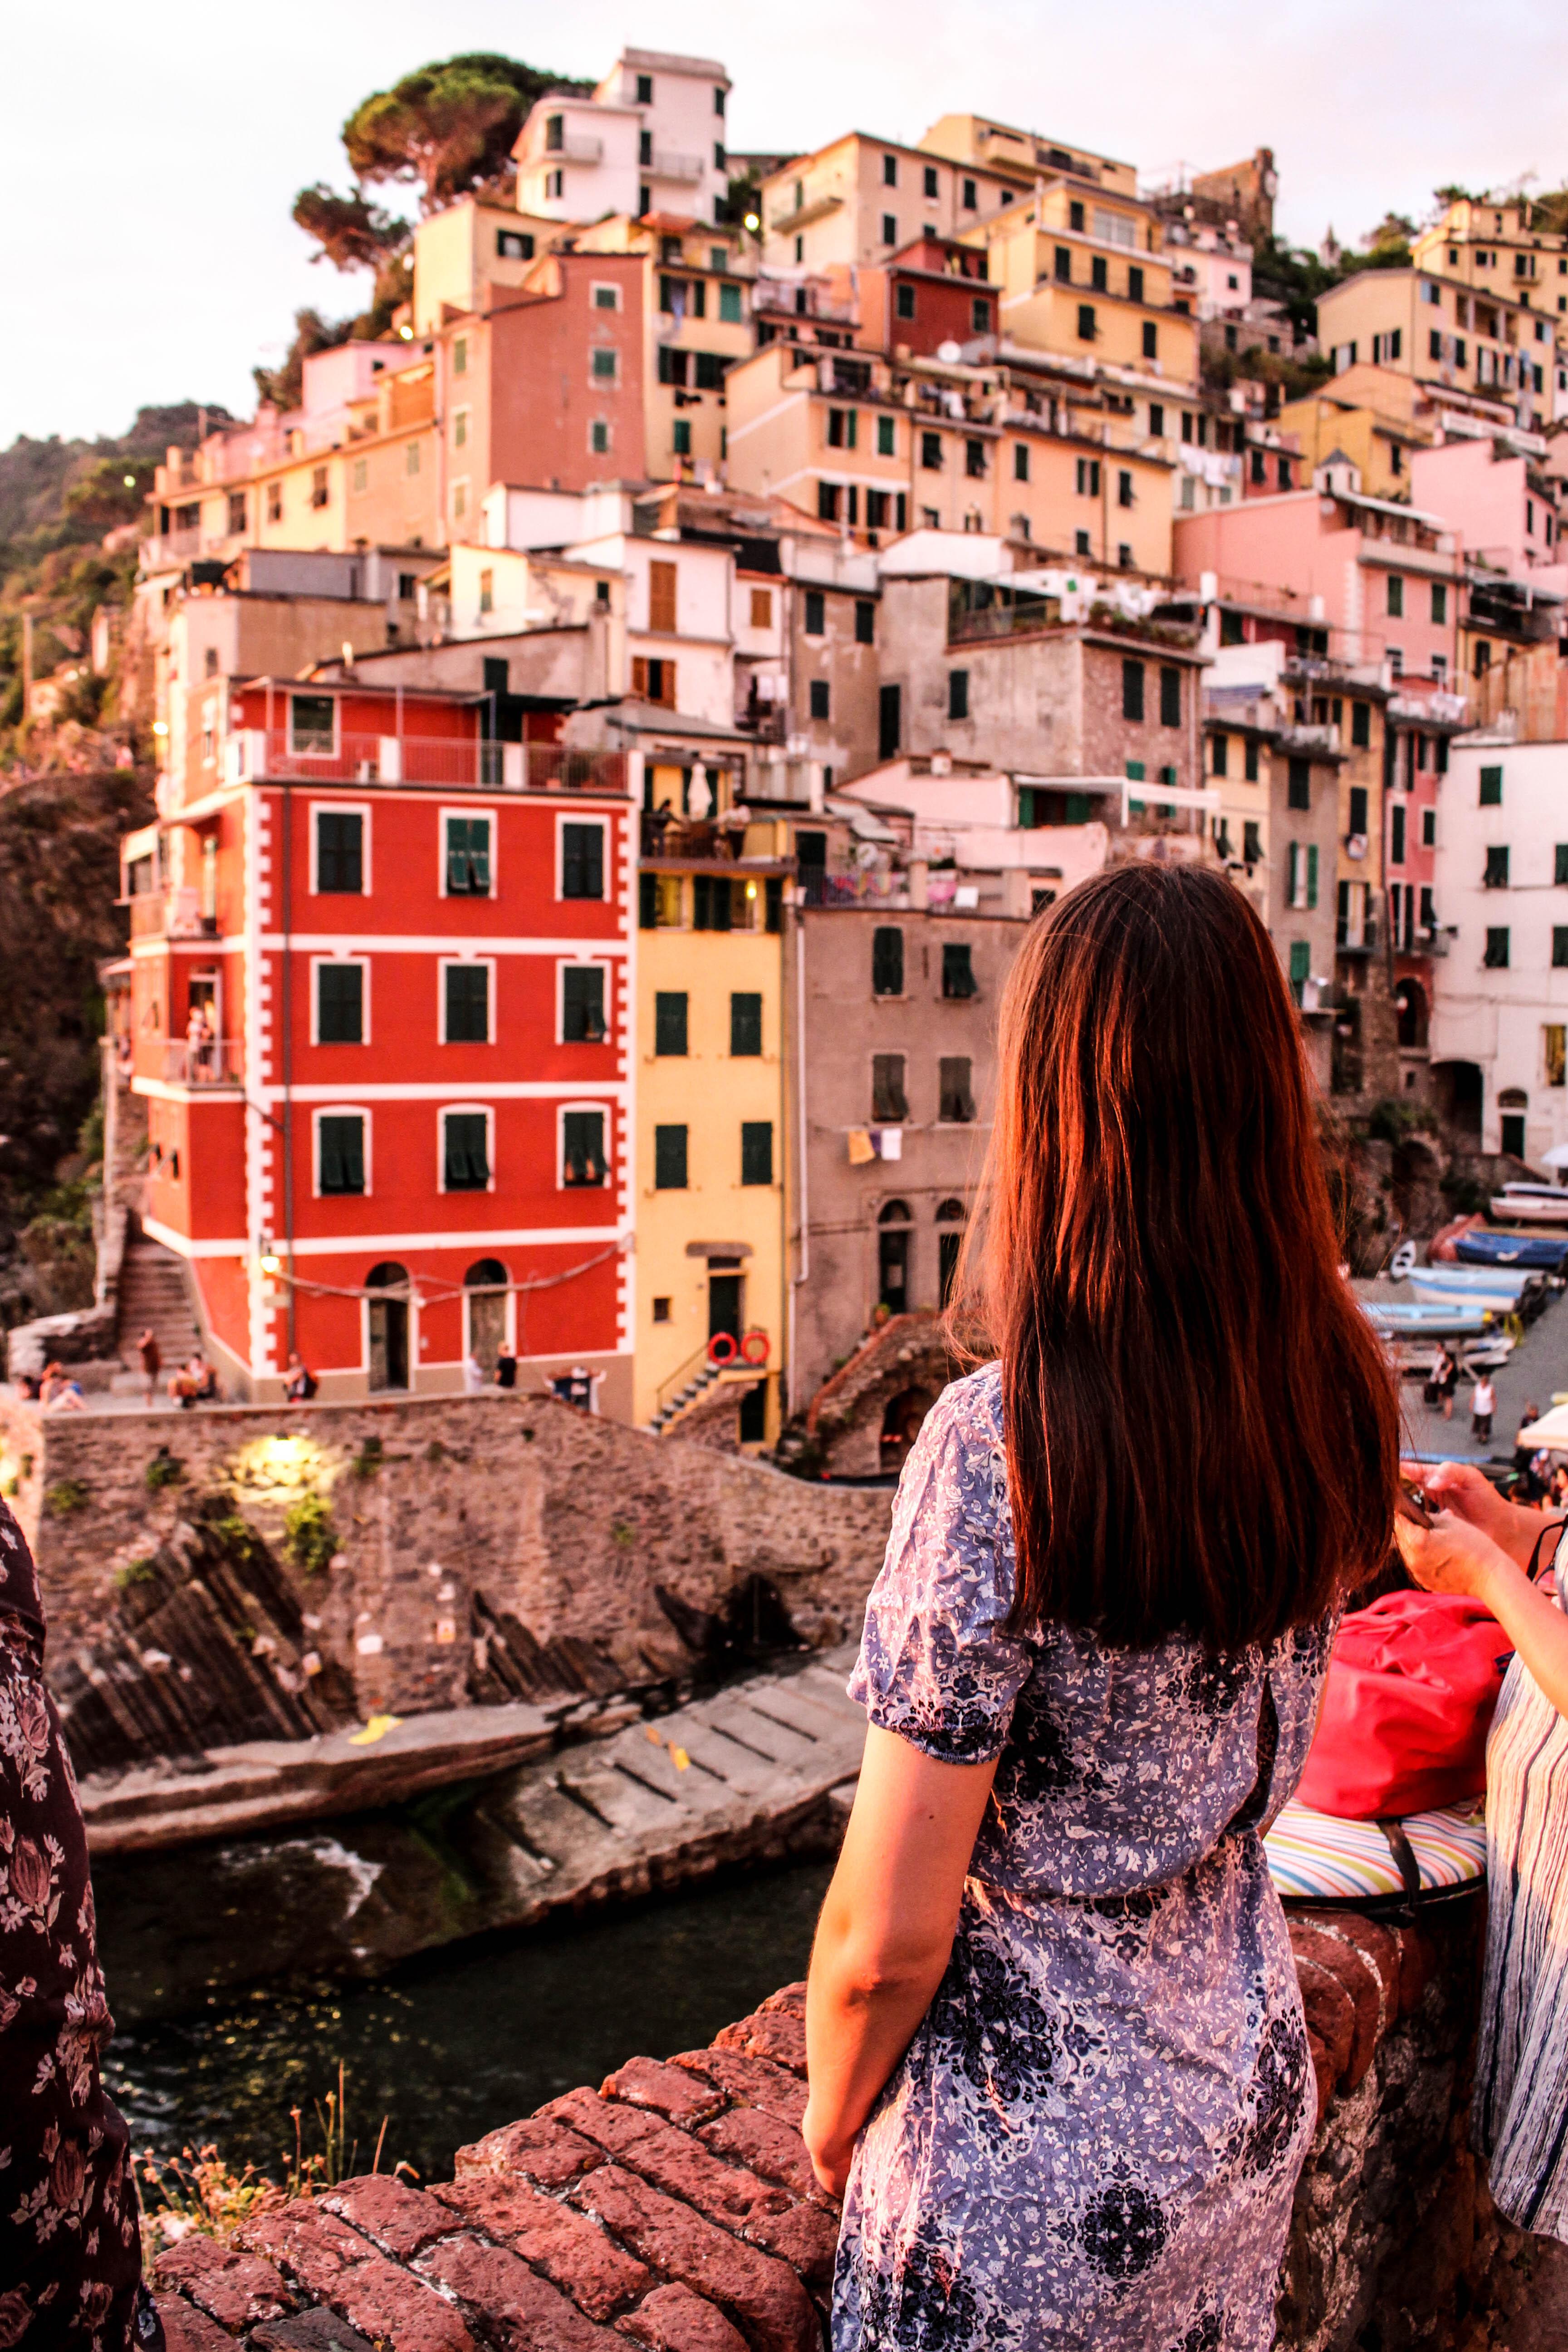 Riomaggiore Cinque terre Italy view